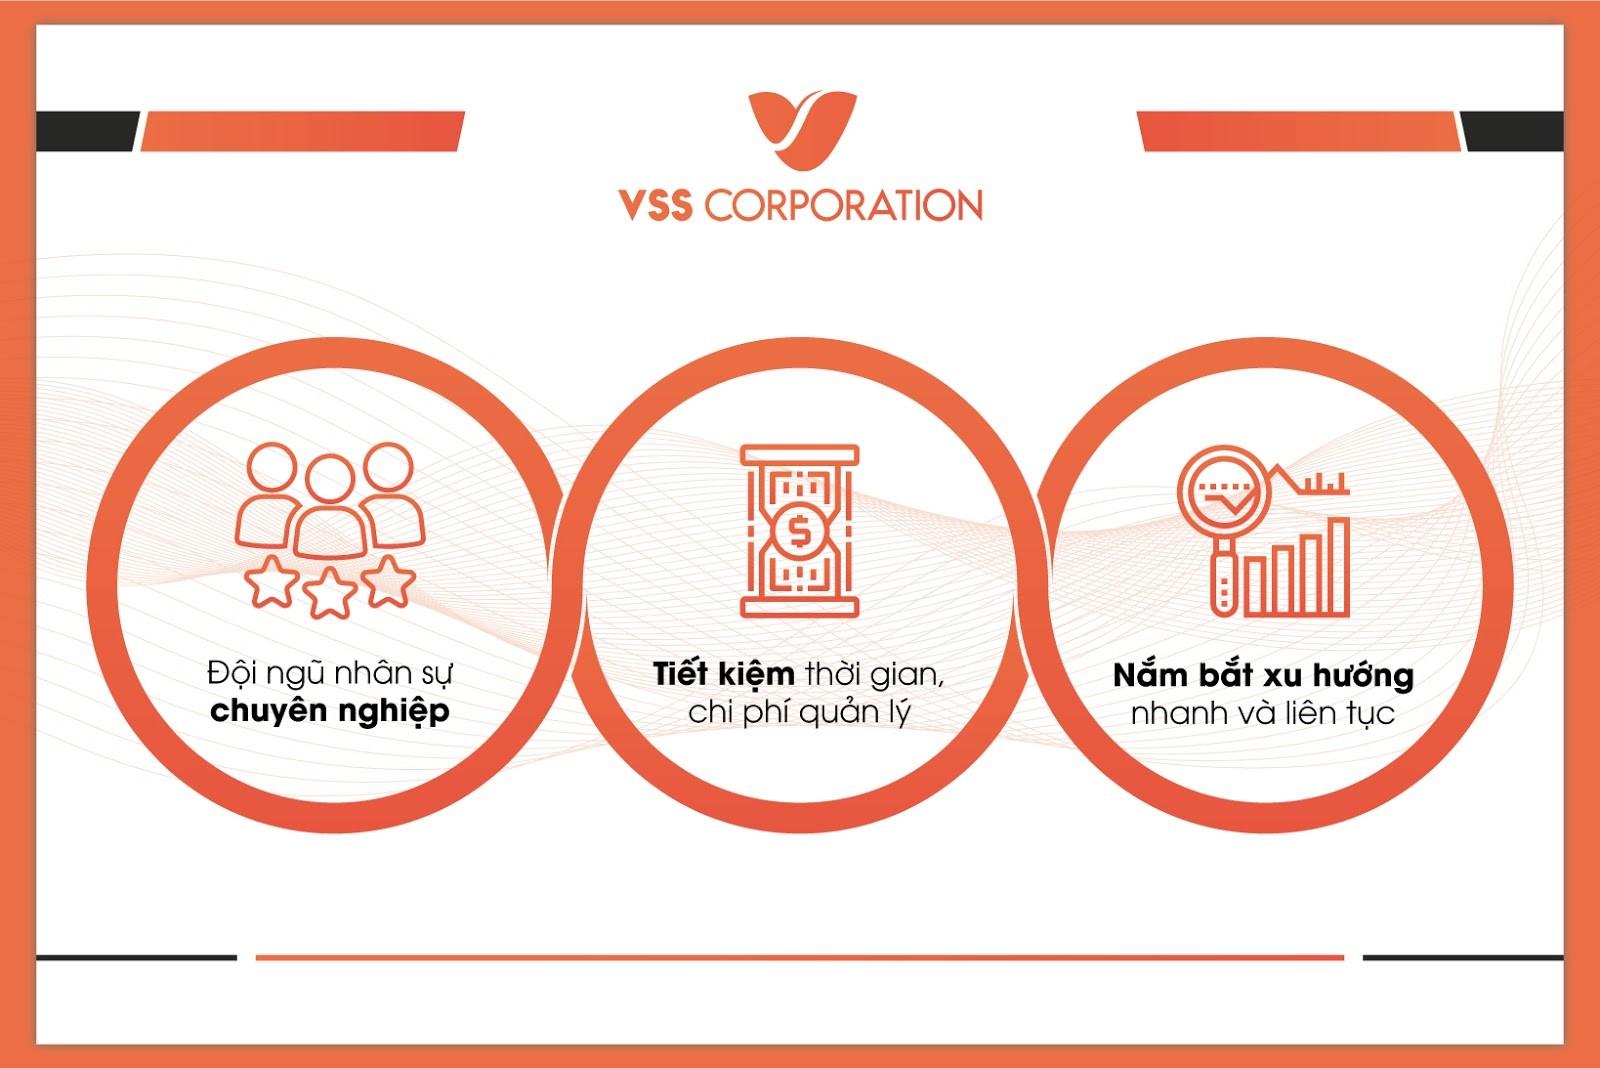 """VSS CORPORATION - """"PHÒNG MARKETING THUÊ NGOÀI"""" GÂY SỐT TRỞ LẠI"""